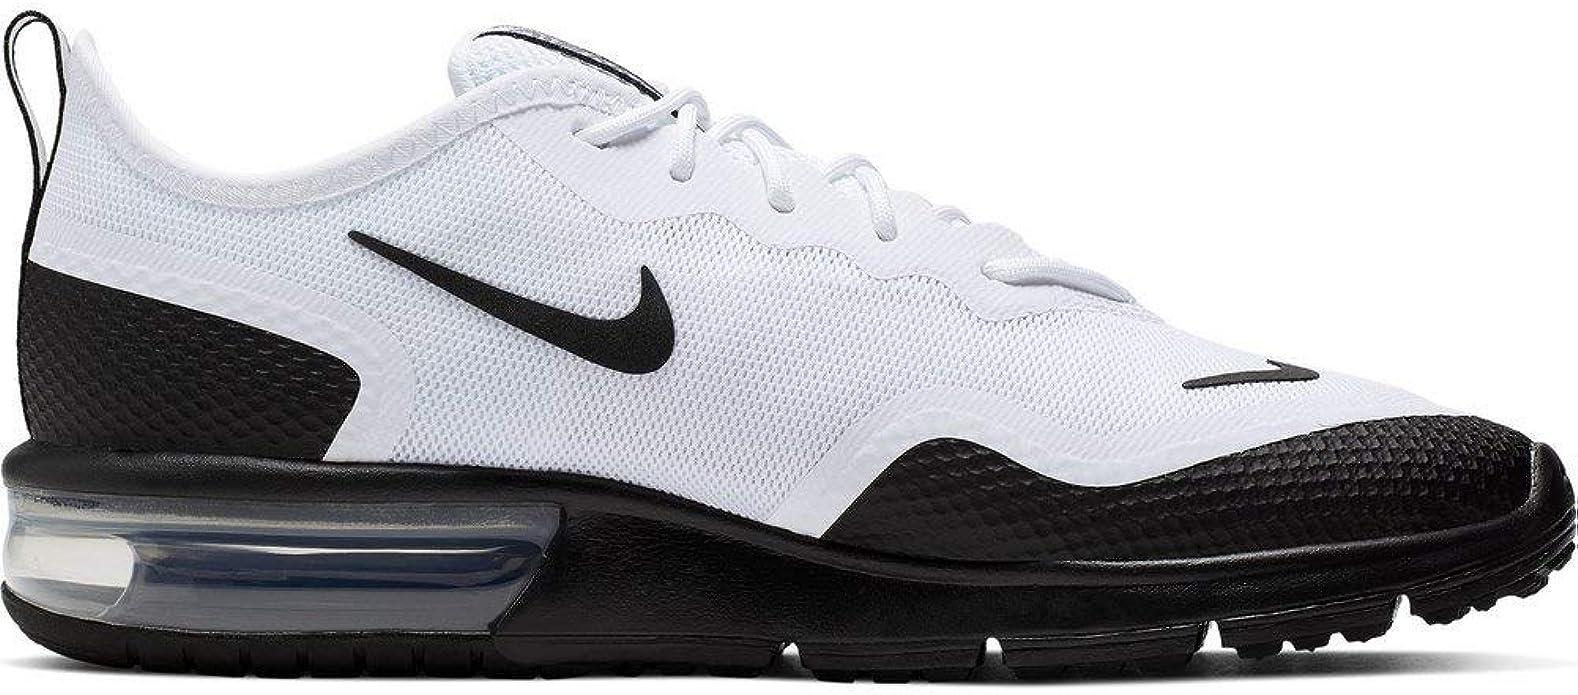 Détails sur Nike Air Max Sequent 4.5 Wmns chaussures femmes sport loisir basket blanc sport